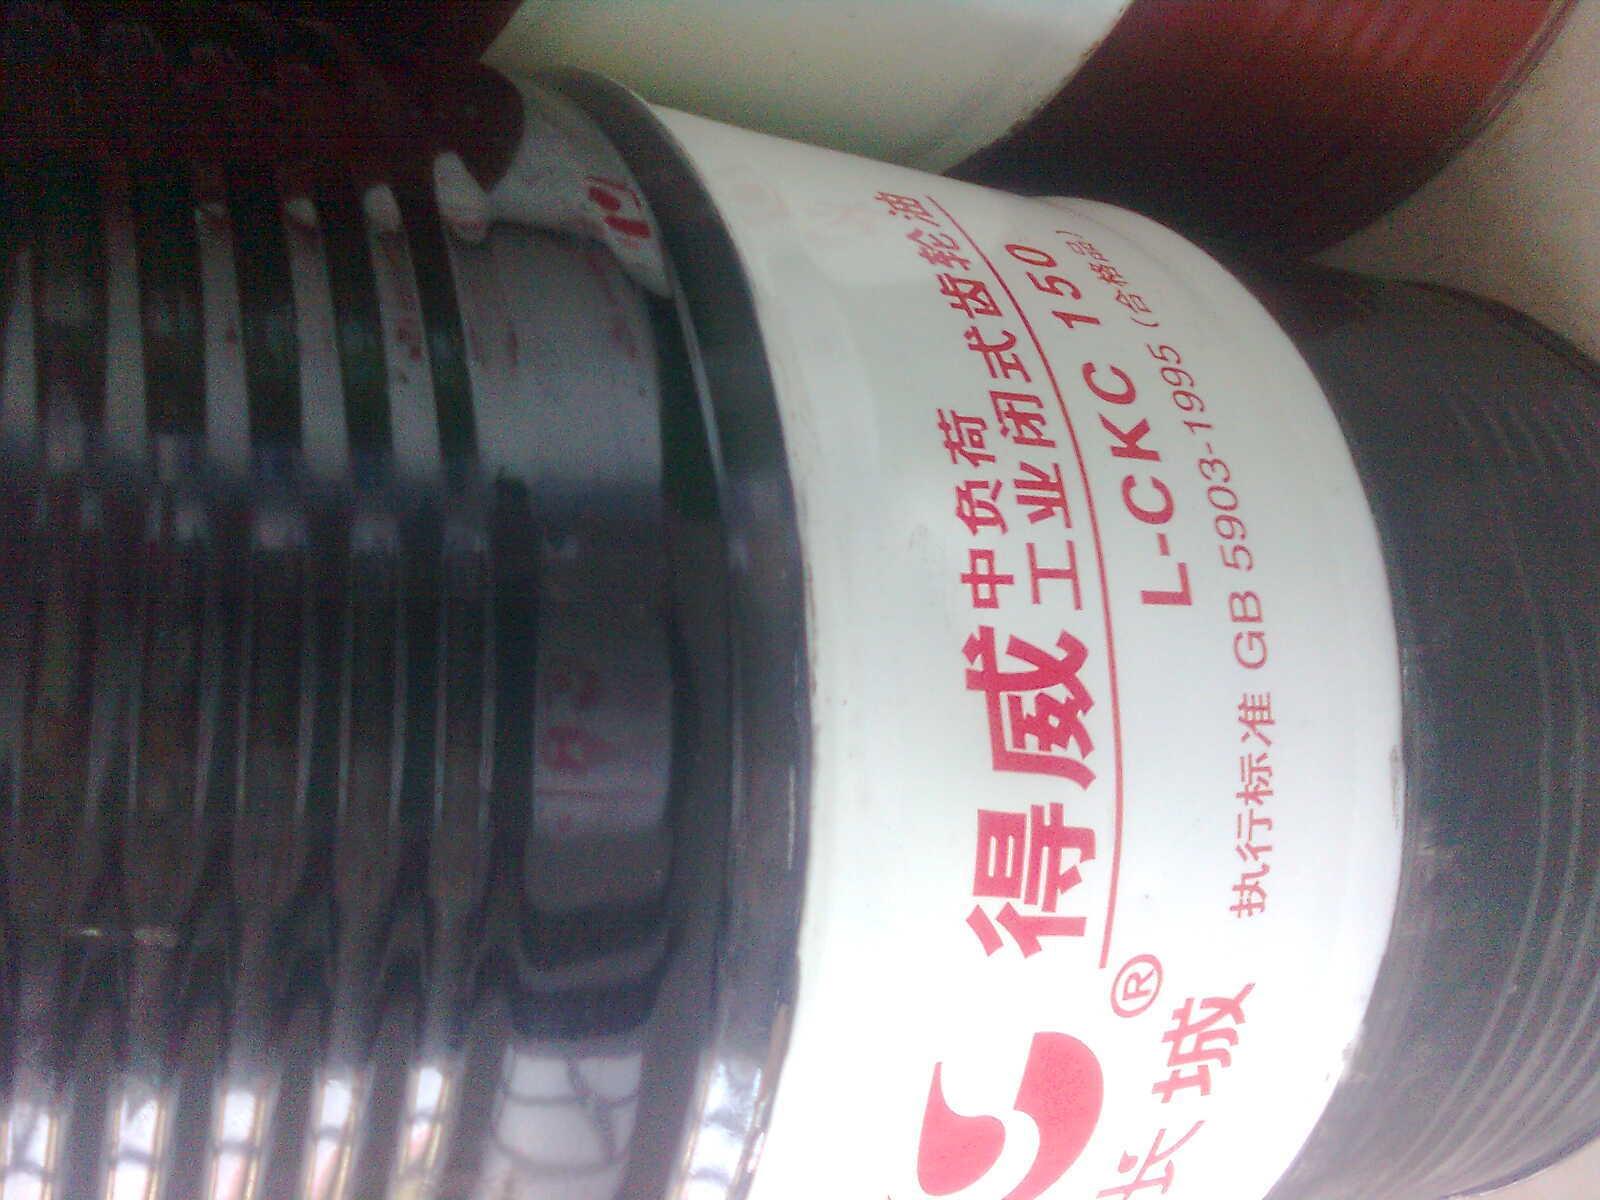 兰州长期供应齿轮油68# 长城齿轮油